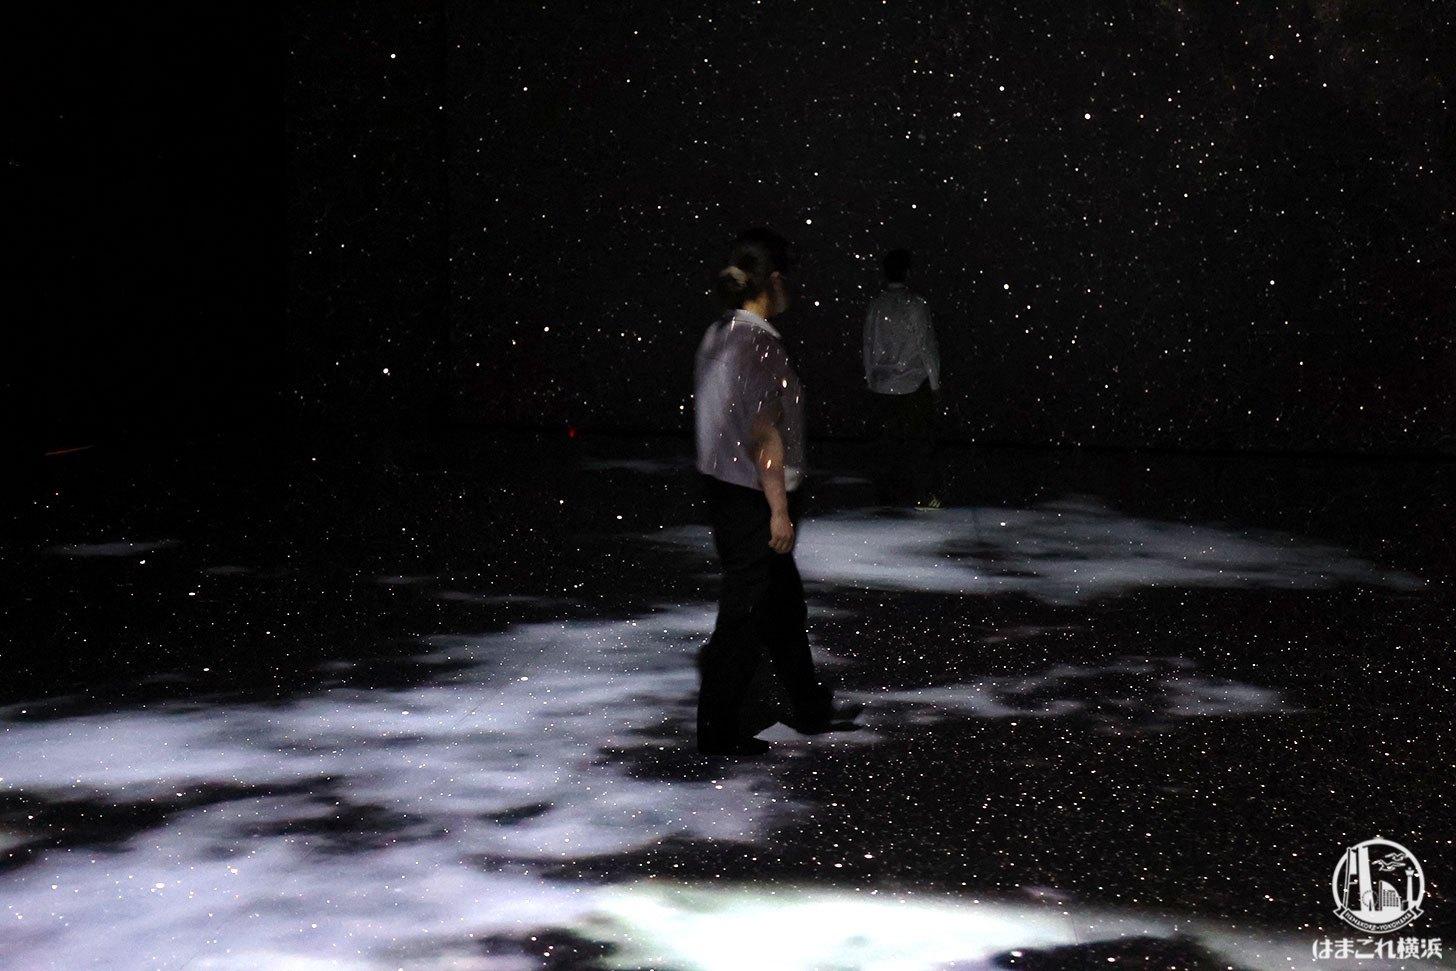 赤レンガ・アートプラネタリウム「星と歩く」体験風景